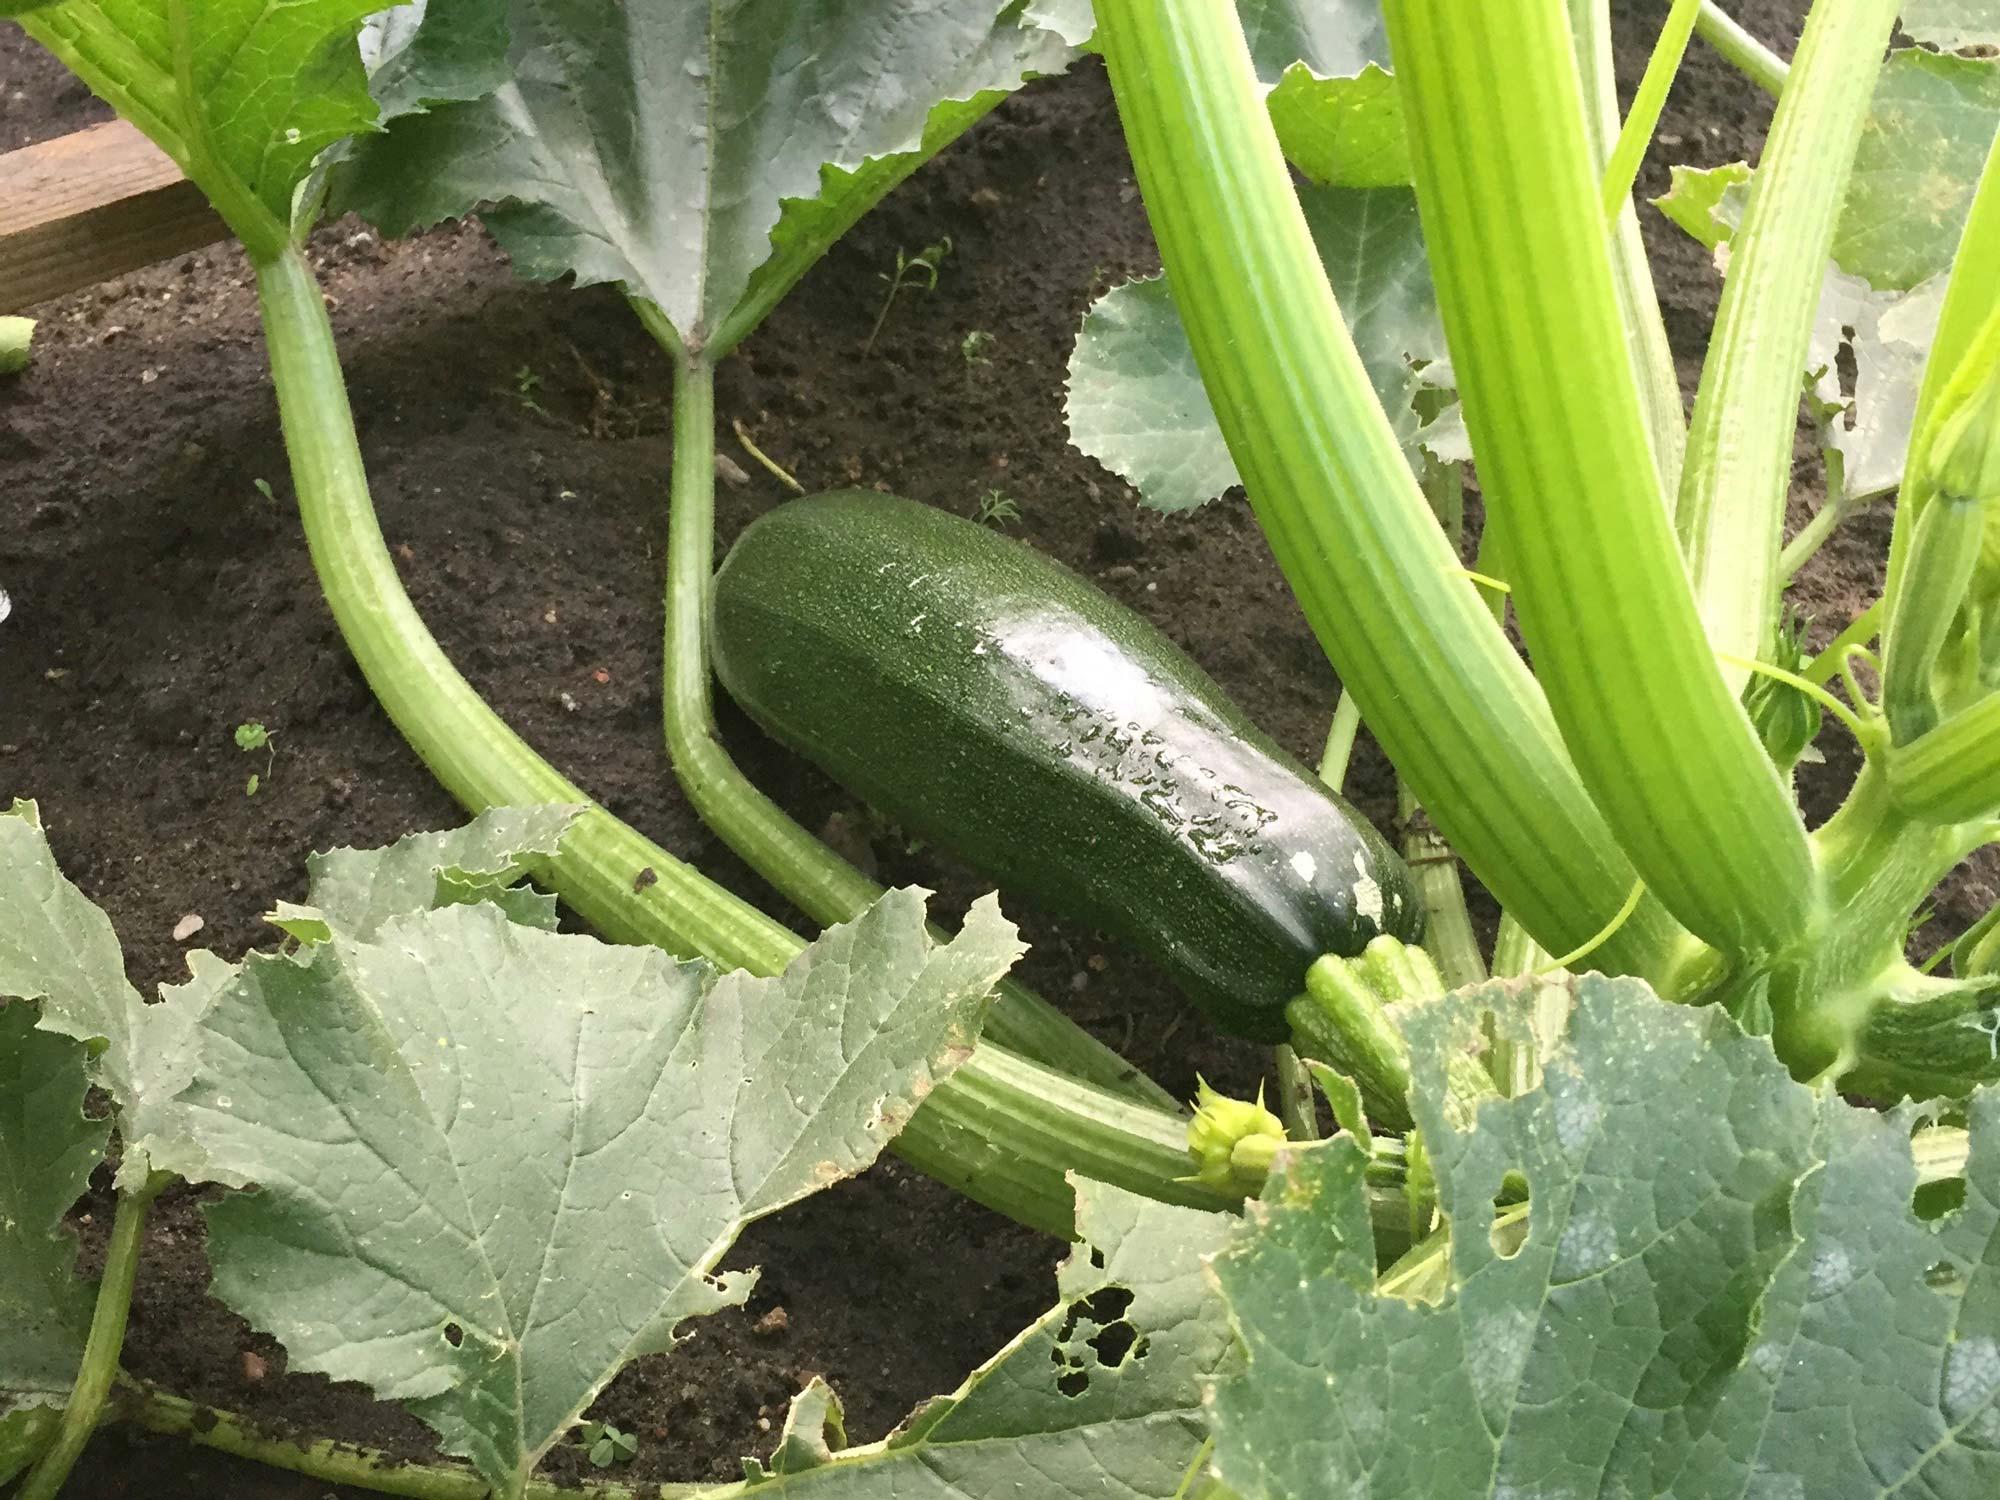 Eine reife Zucchini an einer Pflanze